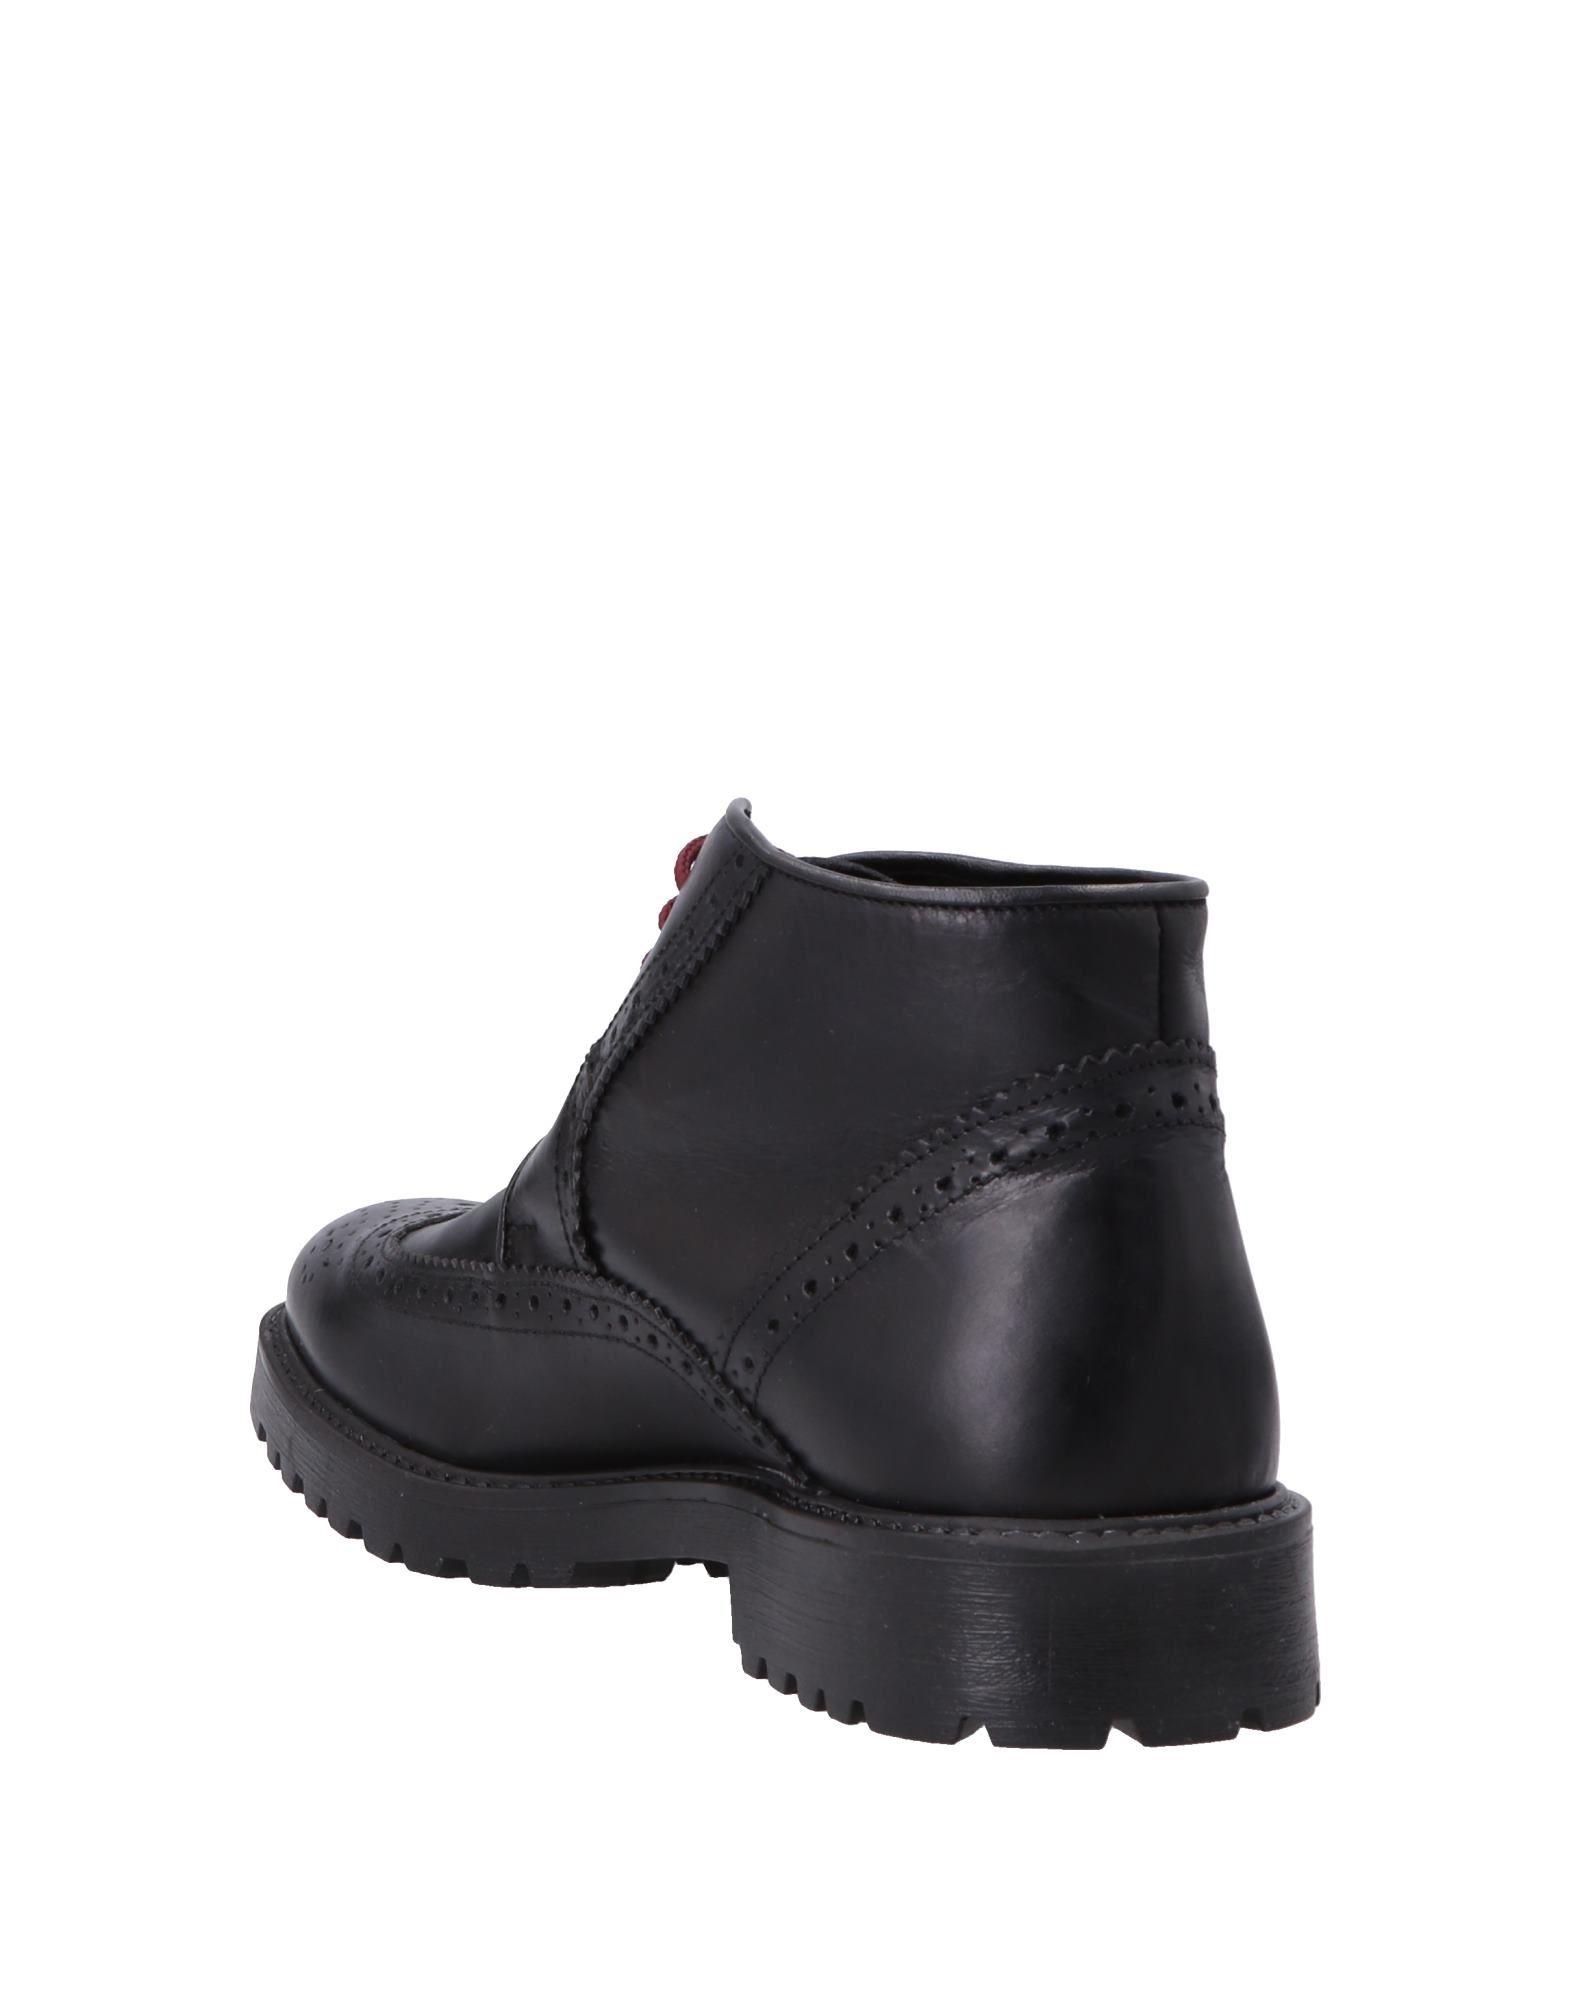 Rabatt Herren echte Schuhe P138 Stiefelette Herren Rabatt  11555188RV 244600